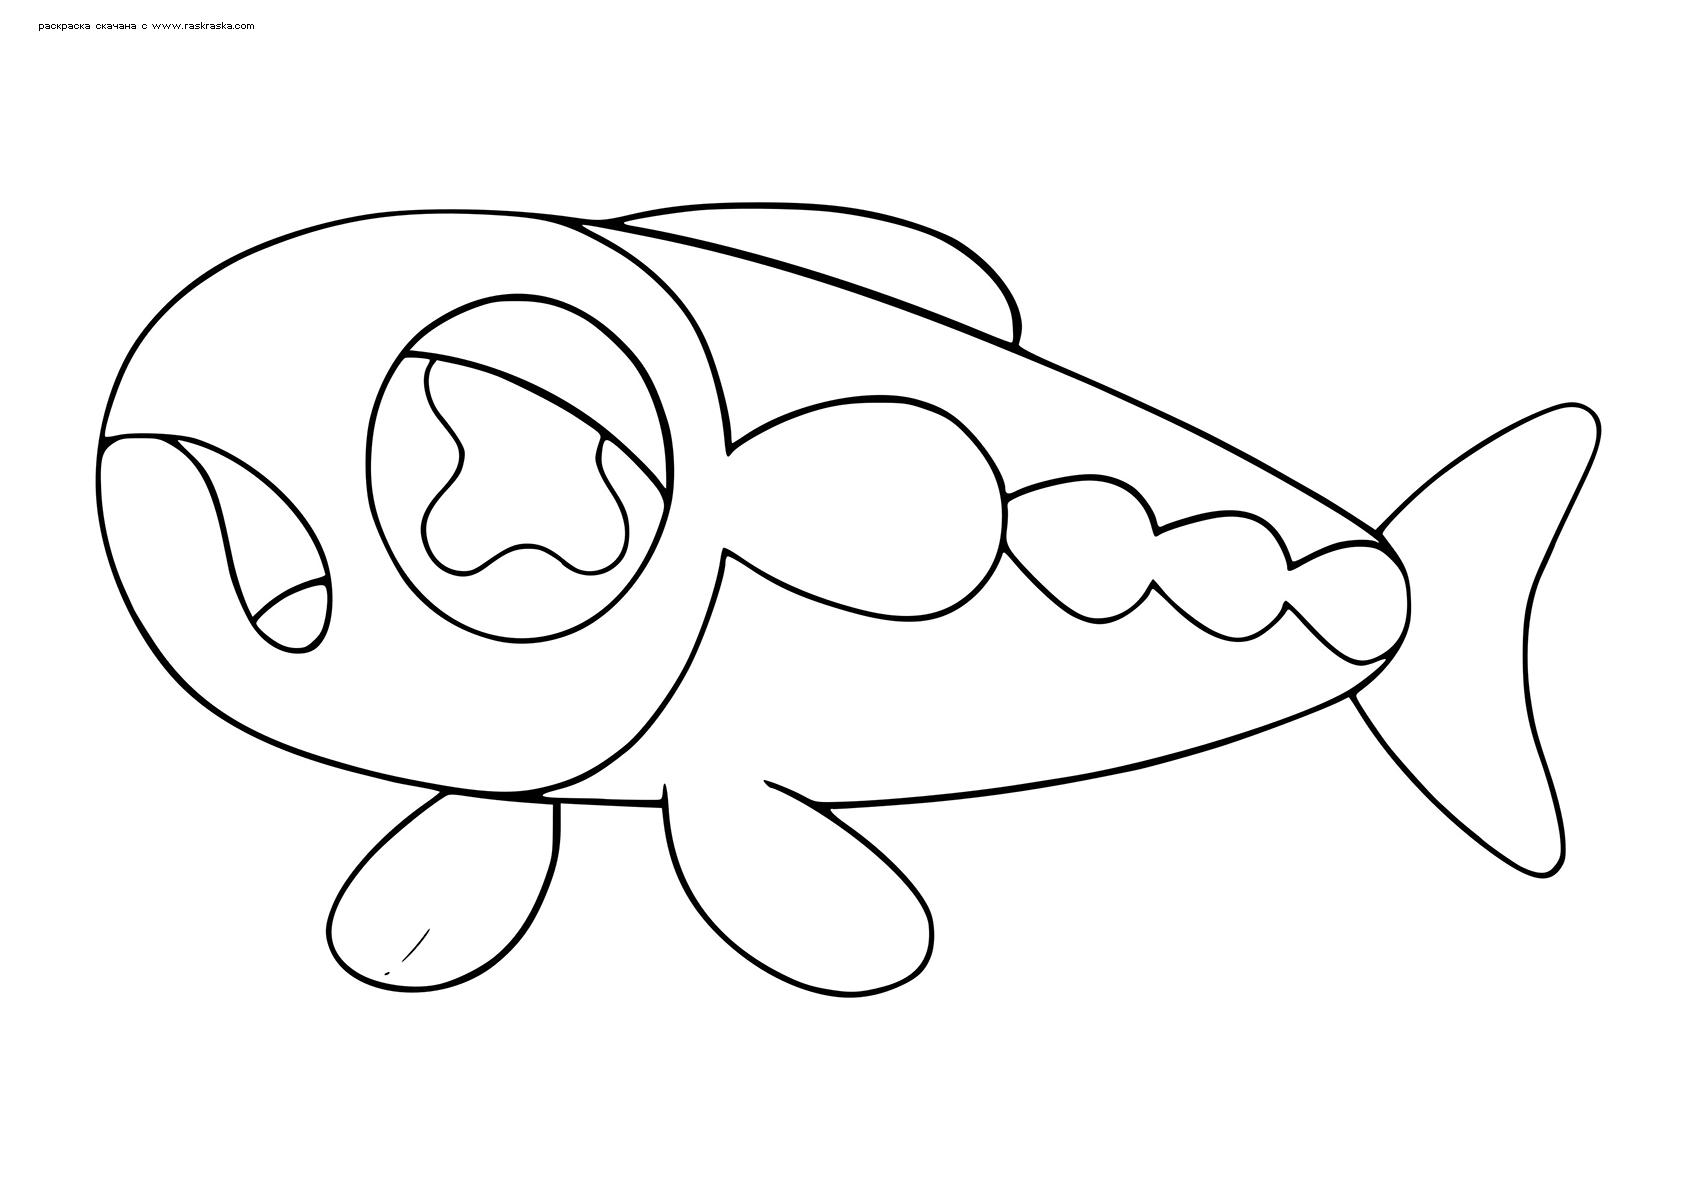 Раскраска Покемон Вишиваши (Wishiwashi). Раскраска Покемон